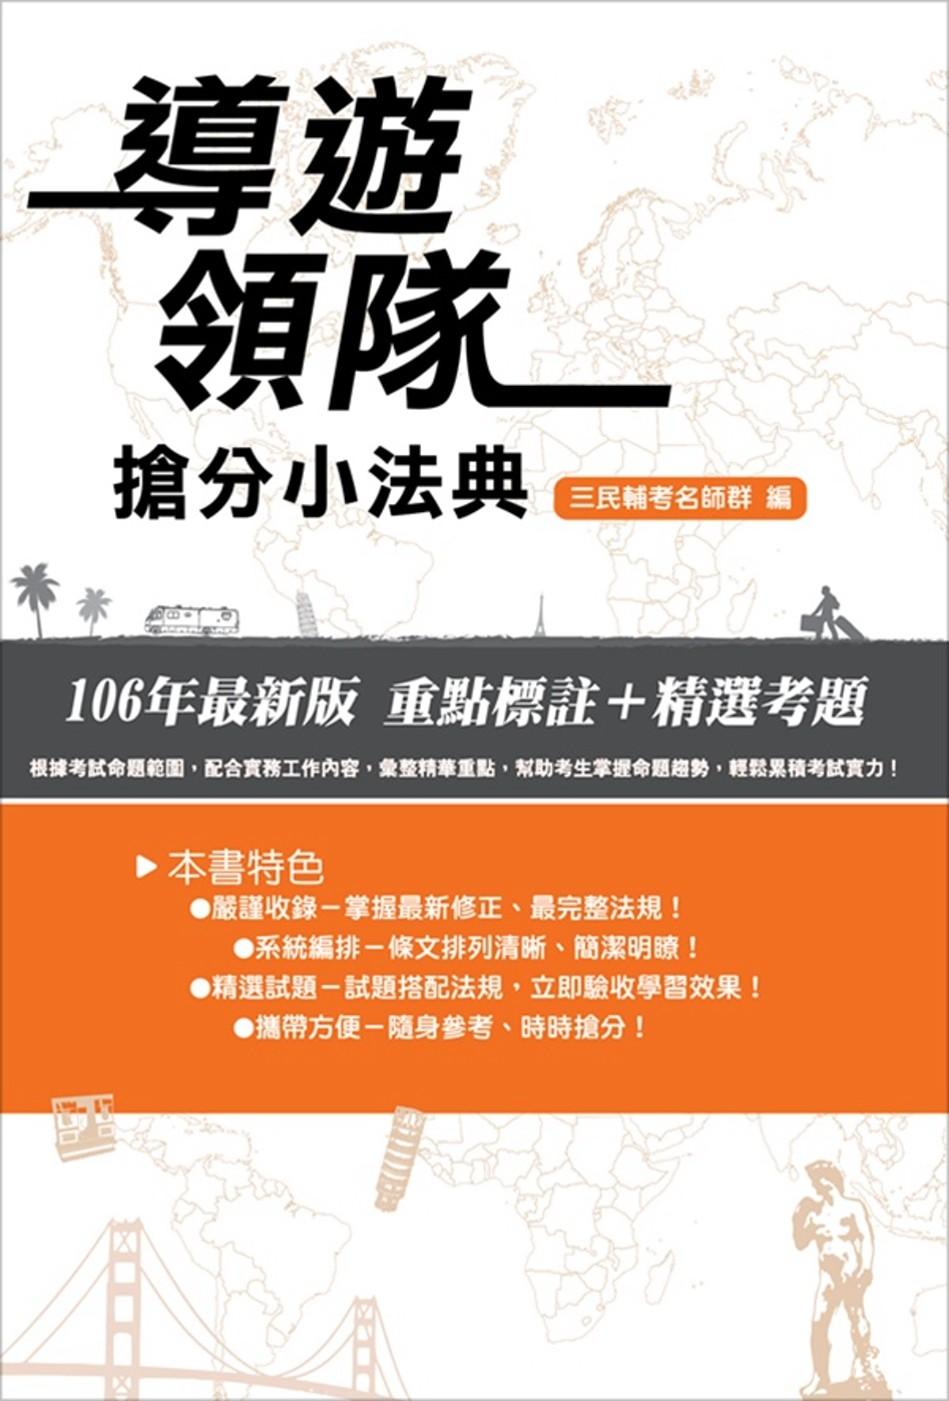 【106年最新版】導遊/領隊搶分小法典(四版)